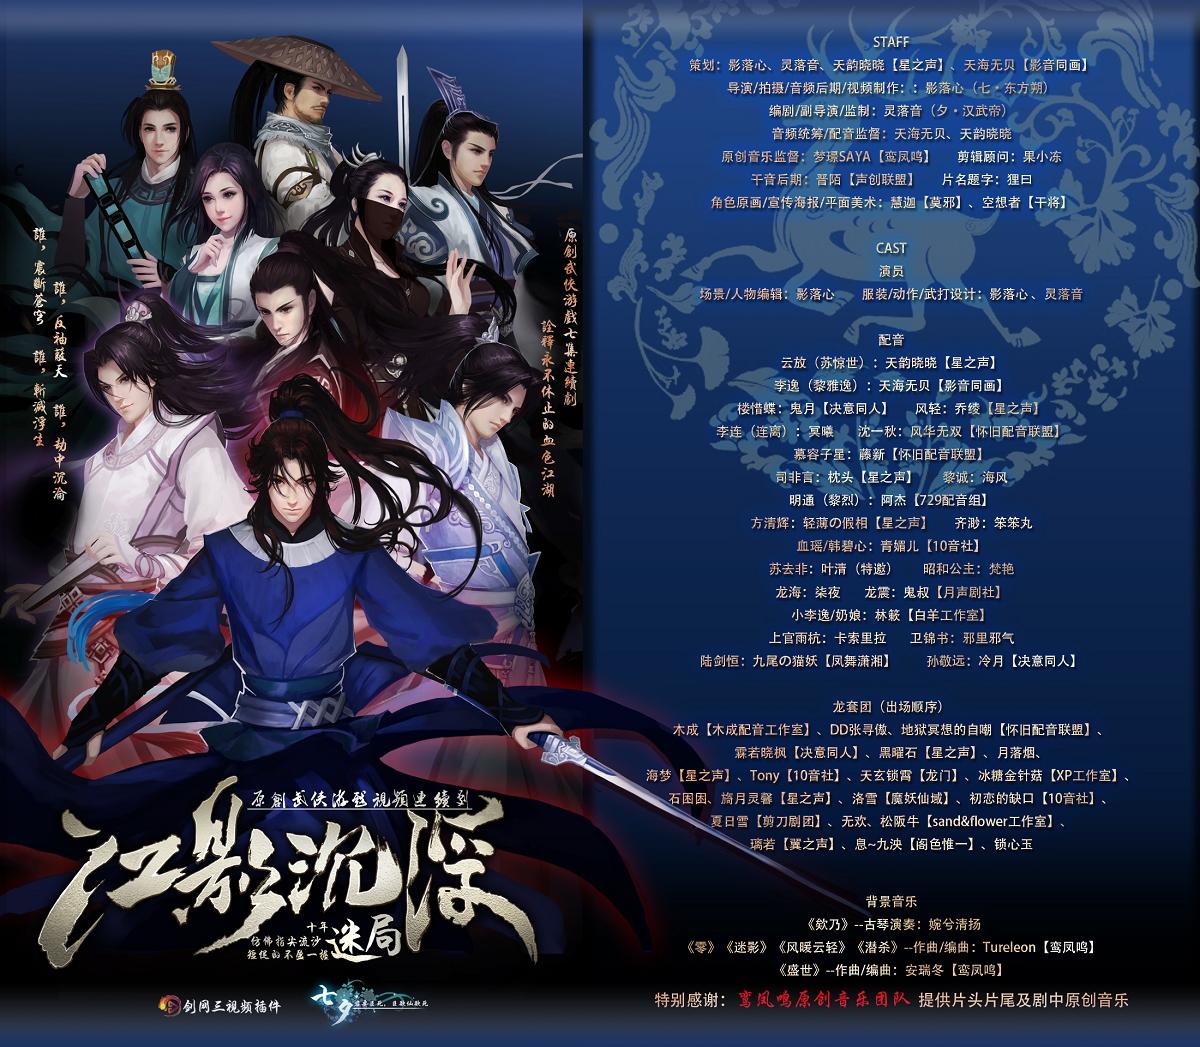 色王朝50xoyo_xoyo.com/jx3/195/1064750